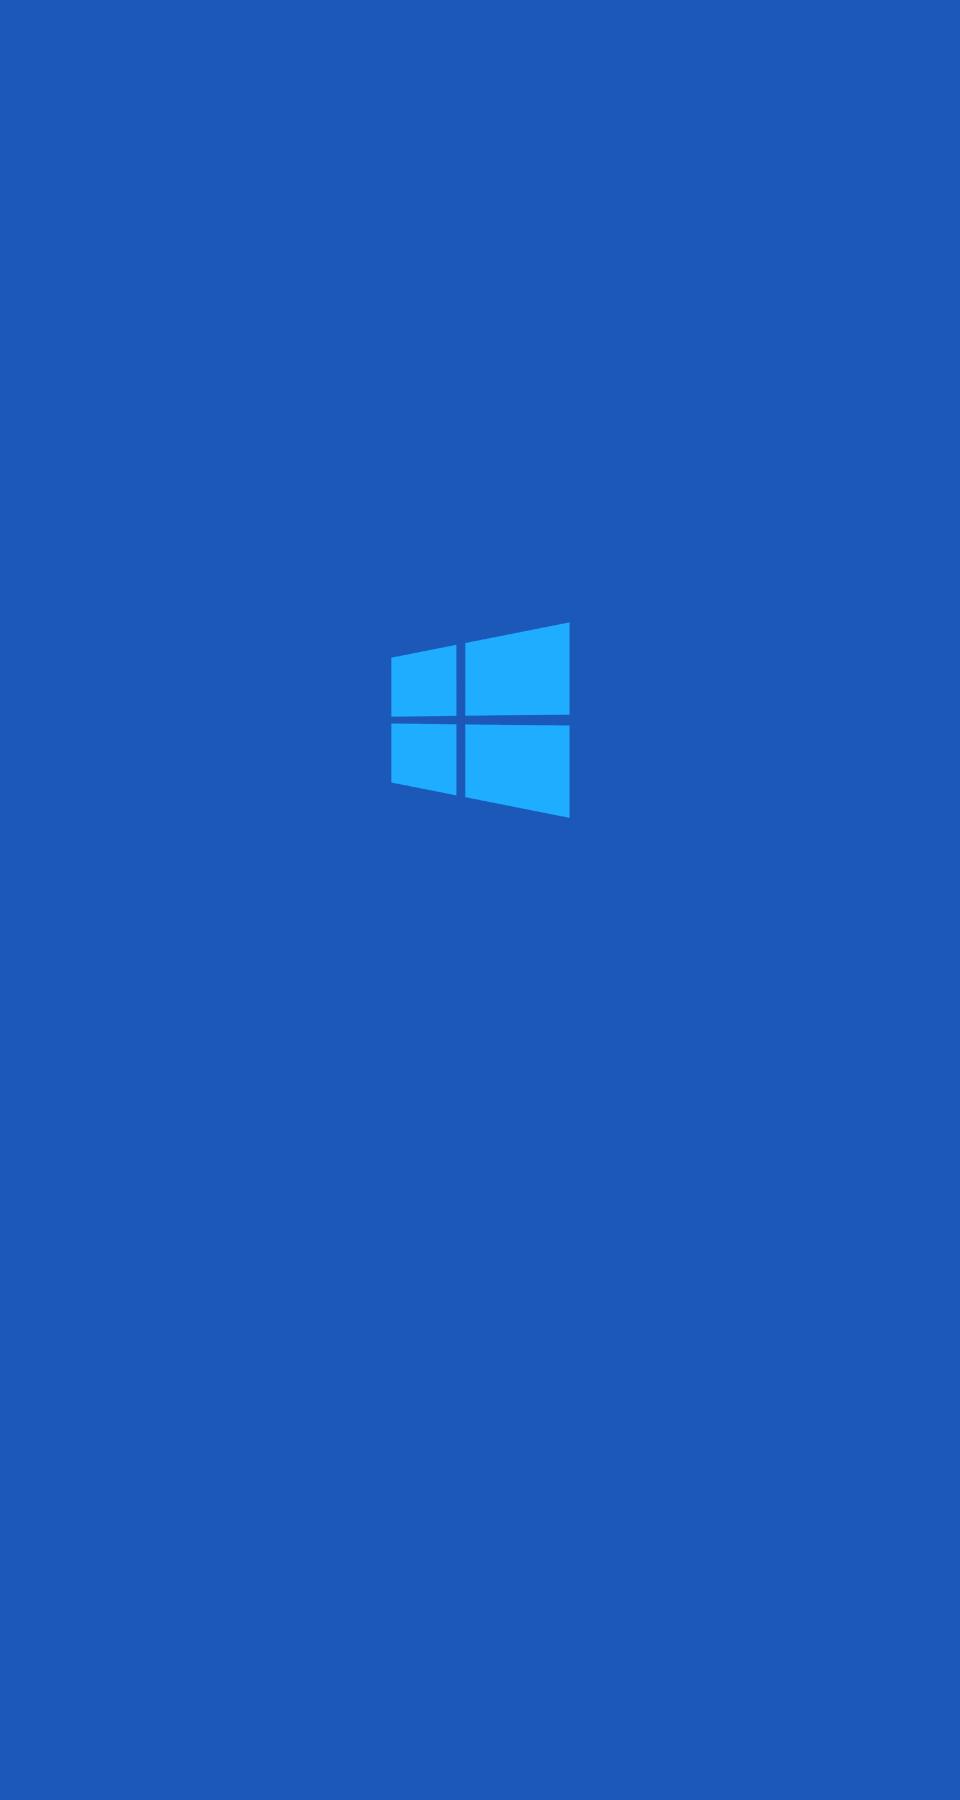 Windows Phone Wallpapers Hd Wallpapersafari